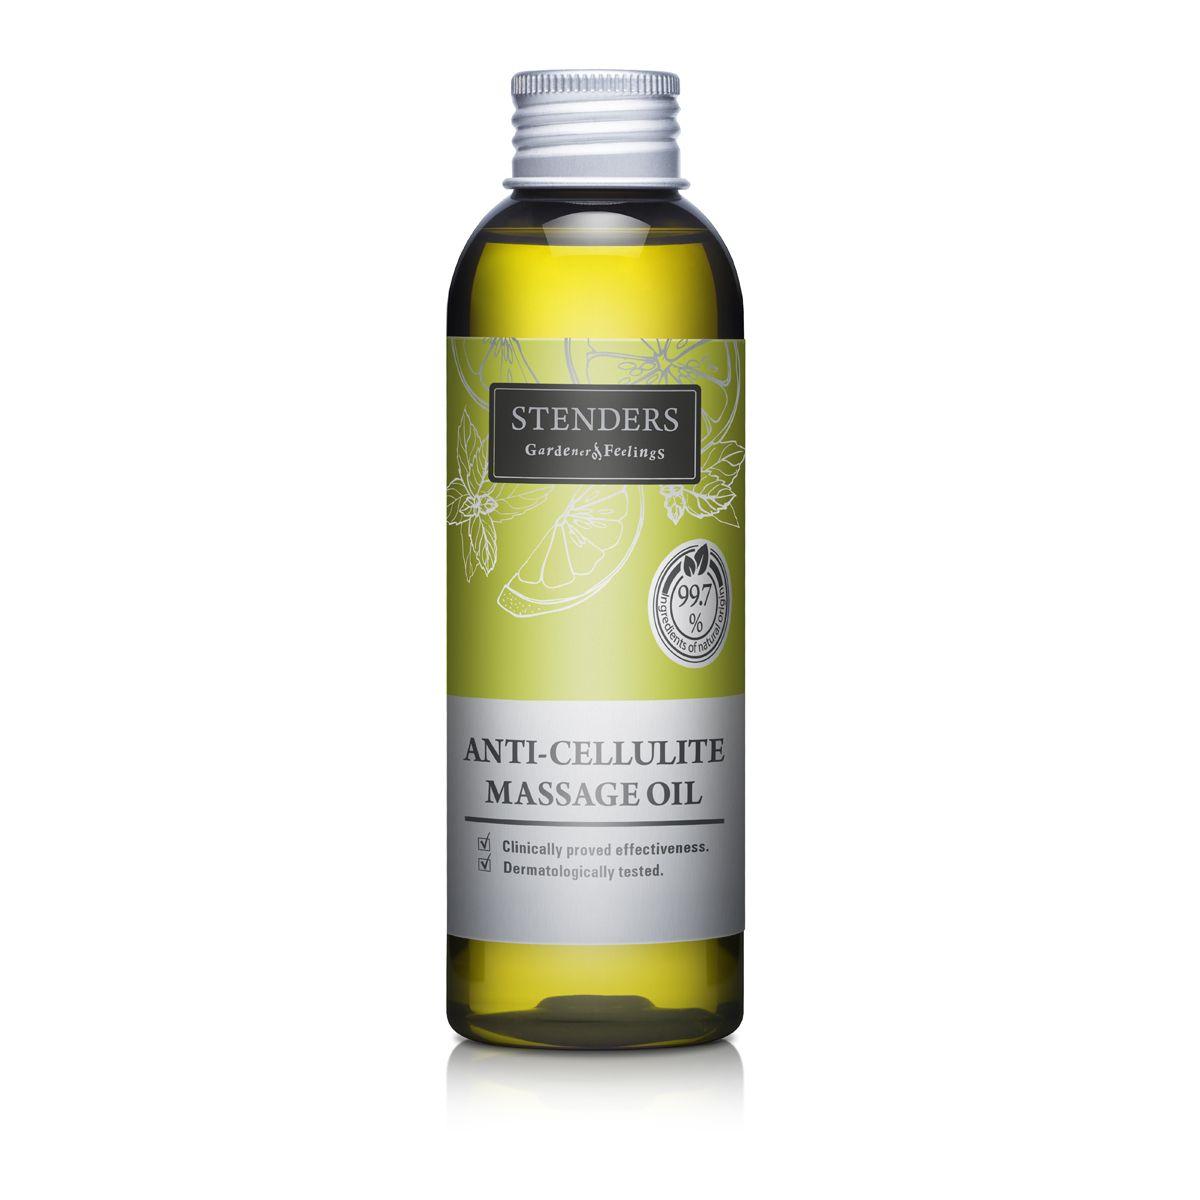 Stenders Масло для тела Антицеллюлитное 150 млBOIL001Регулярное использование этого масла при массаже позволяет достичь заметных результатов, предотвращая и заметно уменьшая эффект «апельсиновой корки».